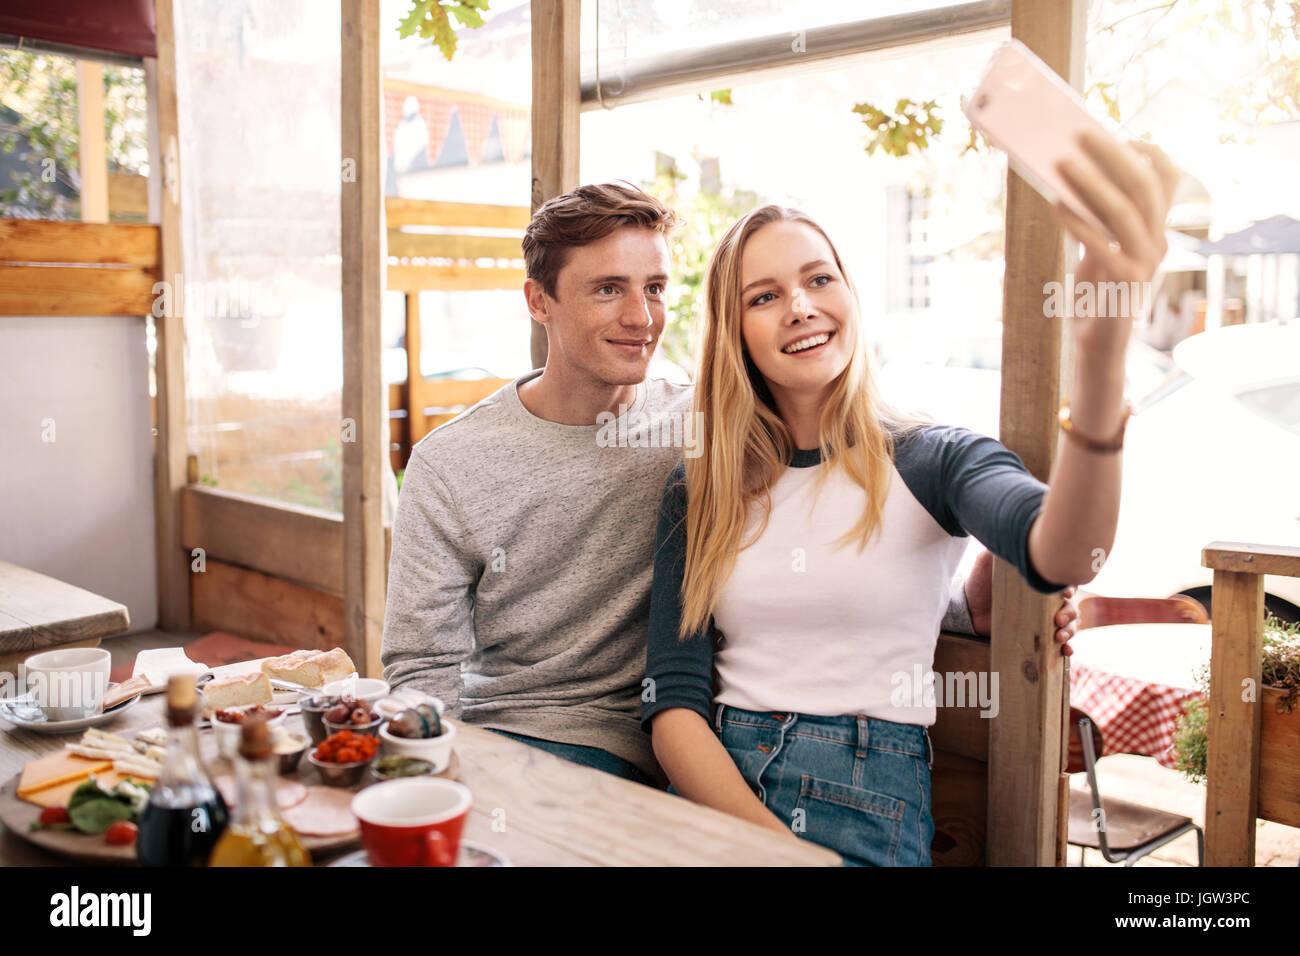 Paar Fotos von sich mit Handy im Café. Stilvolle junges Paar Erinnerungen von Smartphone zu fangen. Stockbild